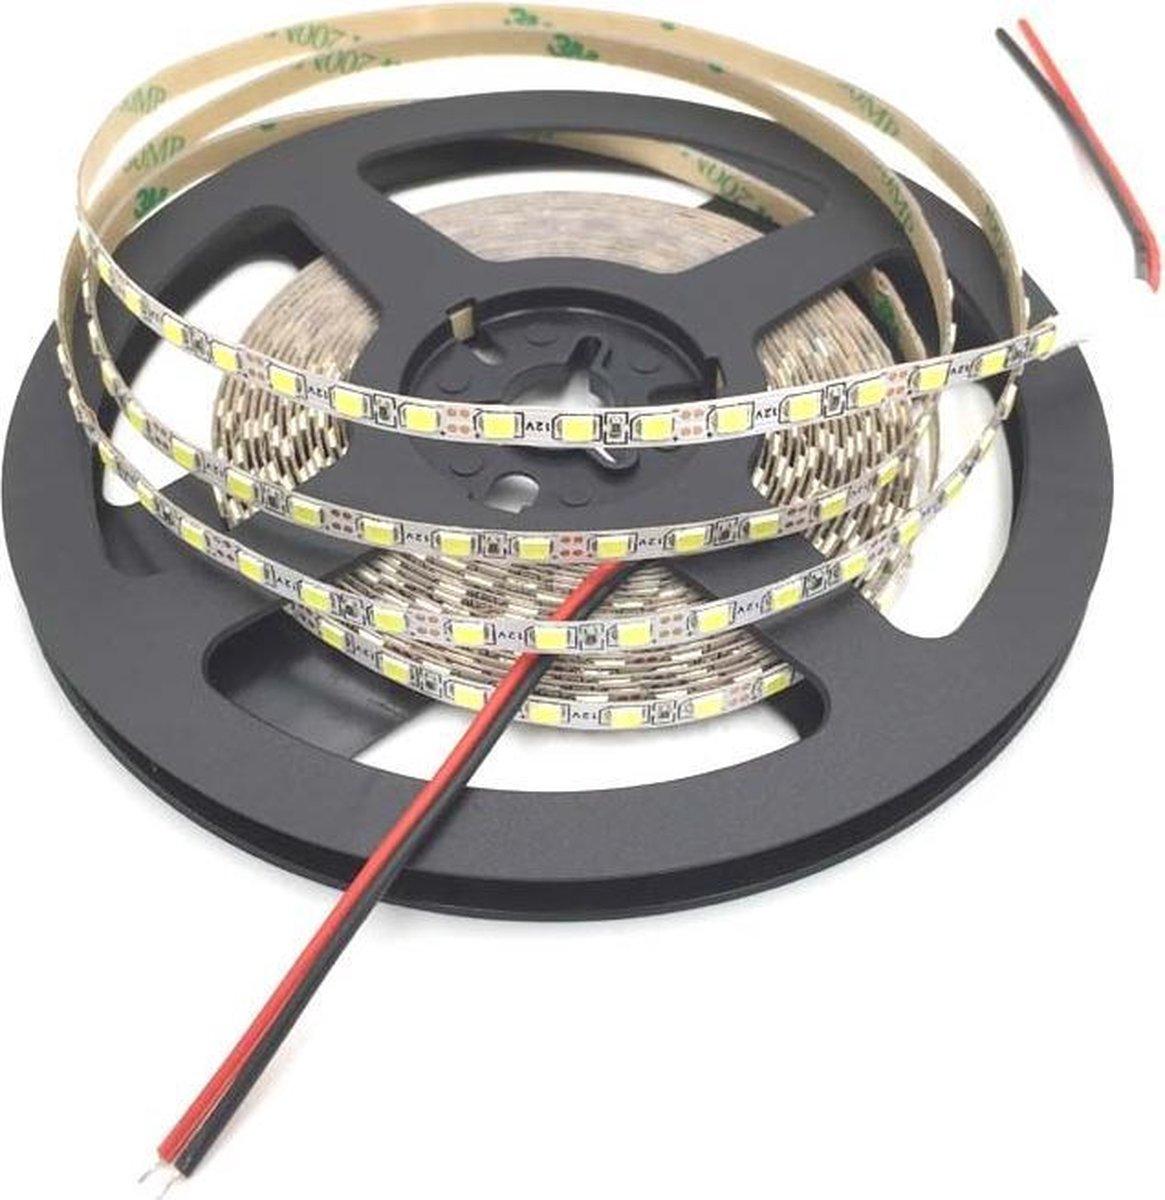 5 meter - Koud Wit - LED strip 120 LEDs per meter - 12 volt - 2835 SMD - dimbaar